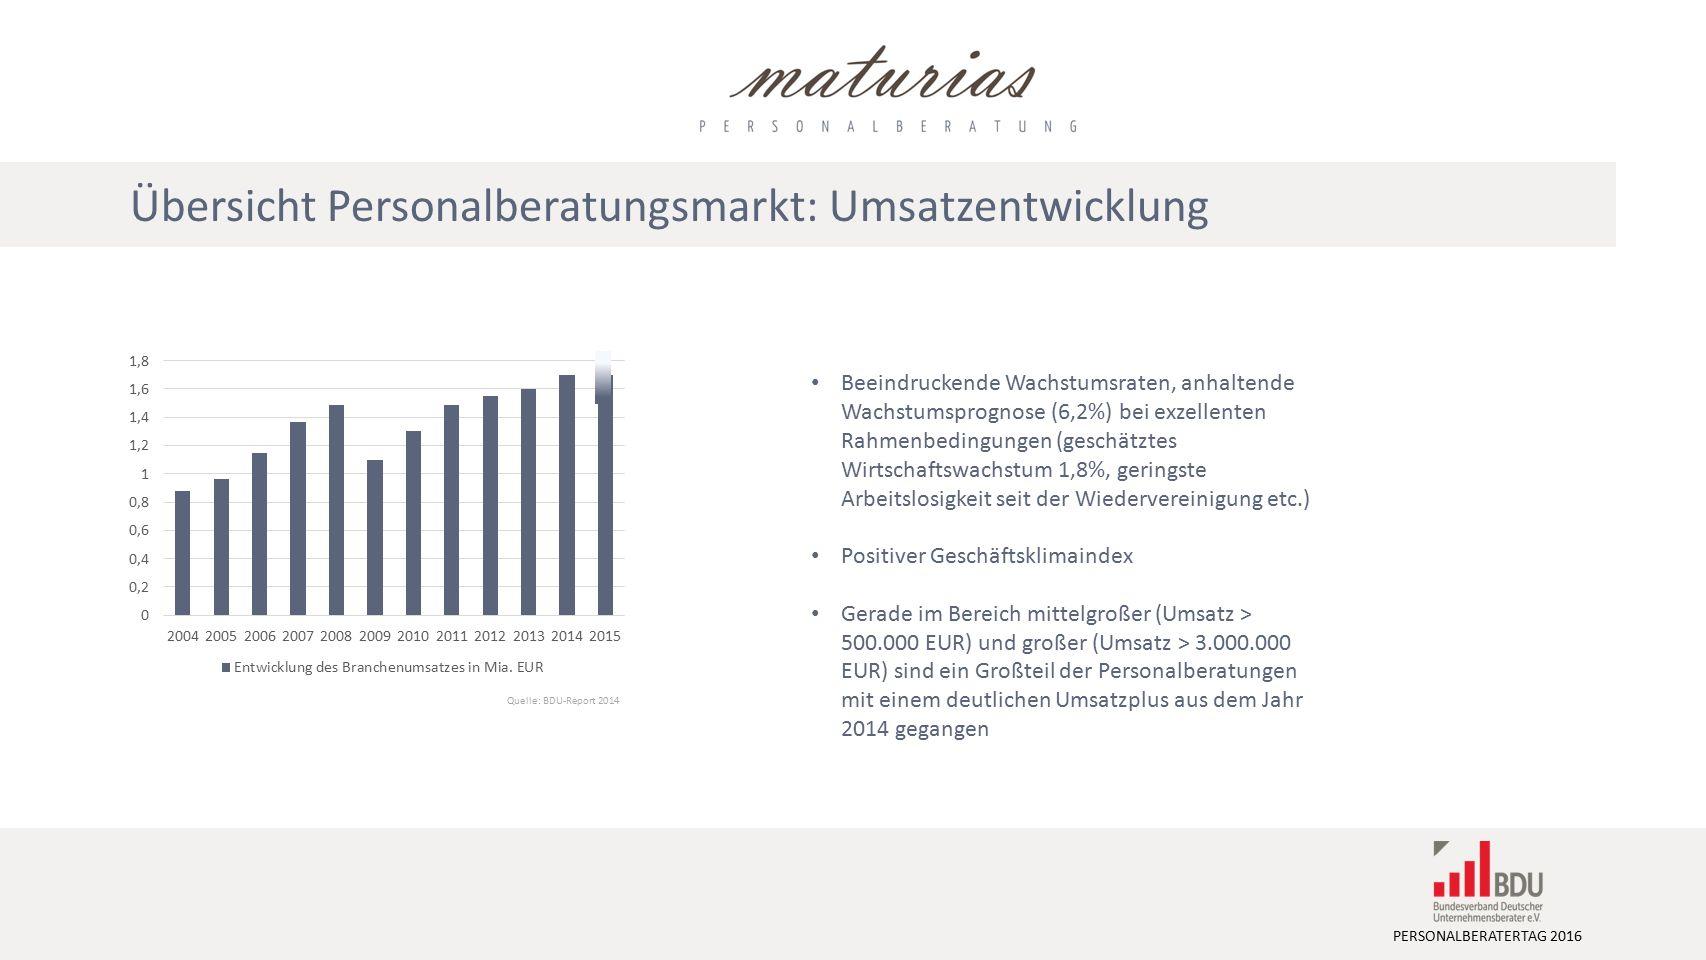 PERSONALBERATERTAG 2016 Beeindruckende Wachstumsraten, anhaltende Wachstumsprognose (6,2%) bei exzellenten Rahmenbedingungen (geschätztes Wirtschaftswachstum 1,8%, geringste Arbeitslosigkeit seit der Wiedervereinigung etc.) Positiver Geschäftsklimaindex Gerade im Bereich mittelgroßer (Umsatz > 500.000 EUR) und großer (Umsatz > 3.000.000 EUR) sind ein Großteil der Personalberatungen mit einem deutlichen Umsatzplus aus dem Jahr 2014 gegangen Quelle: BDU-Report 2014 Übersicht Personalberatungsmarkt: Umsatzentwicklung